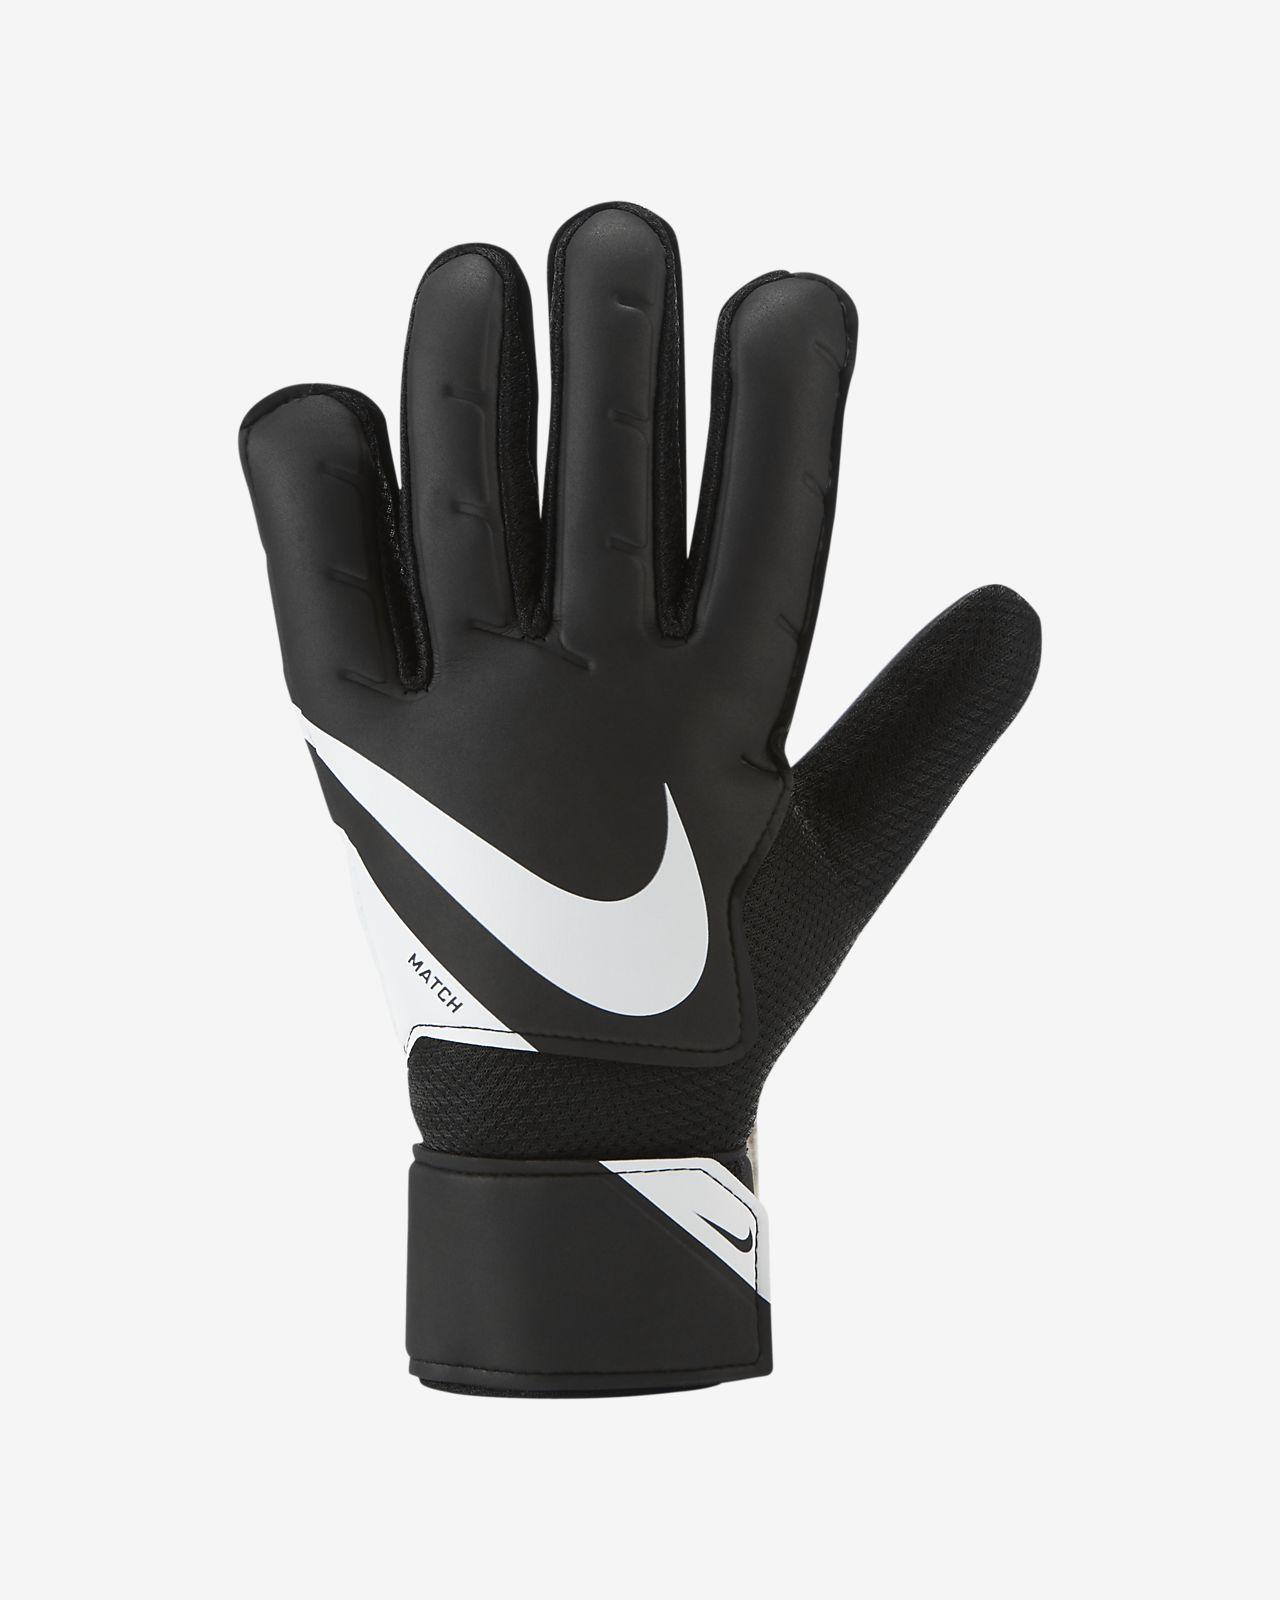 Nike Goalkeeper Match-fodboldhandsker